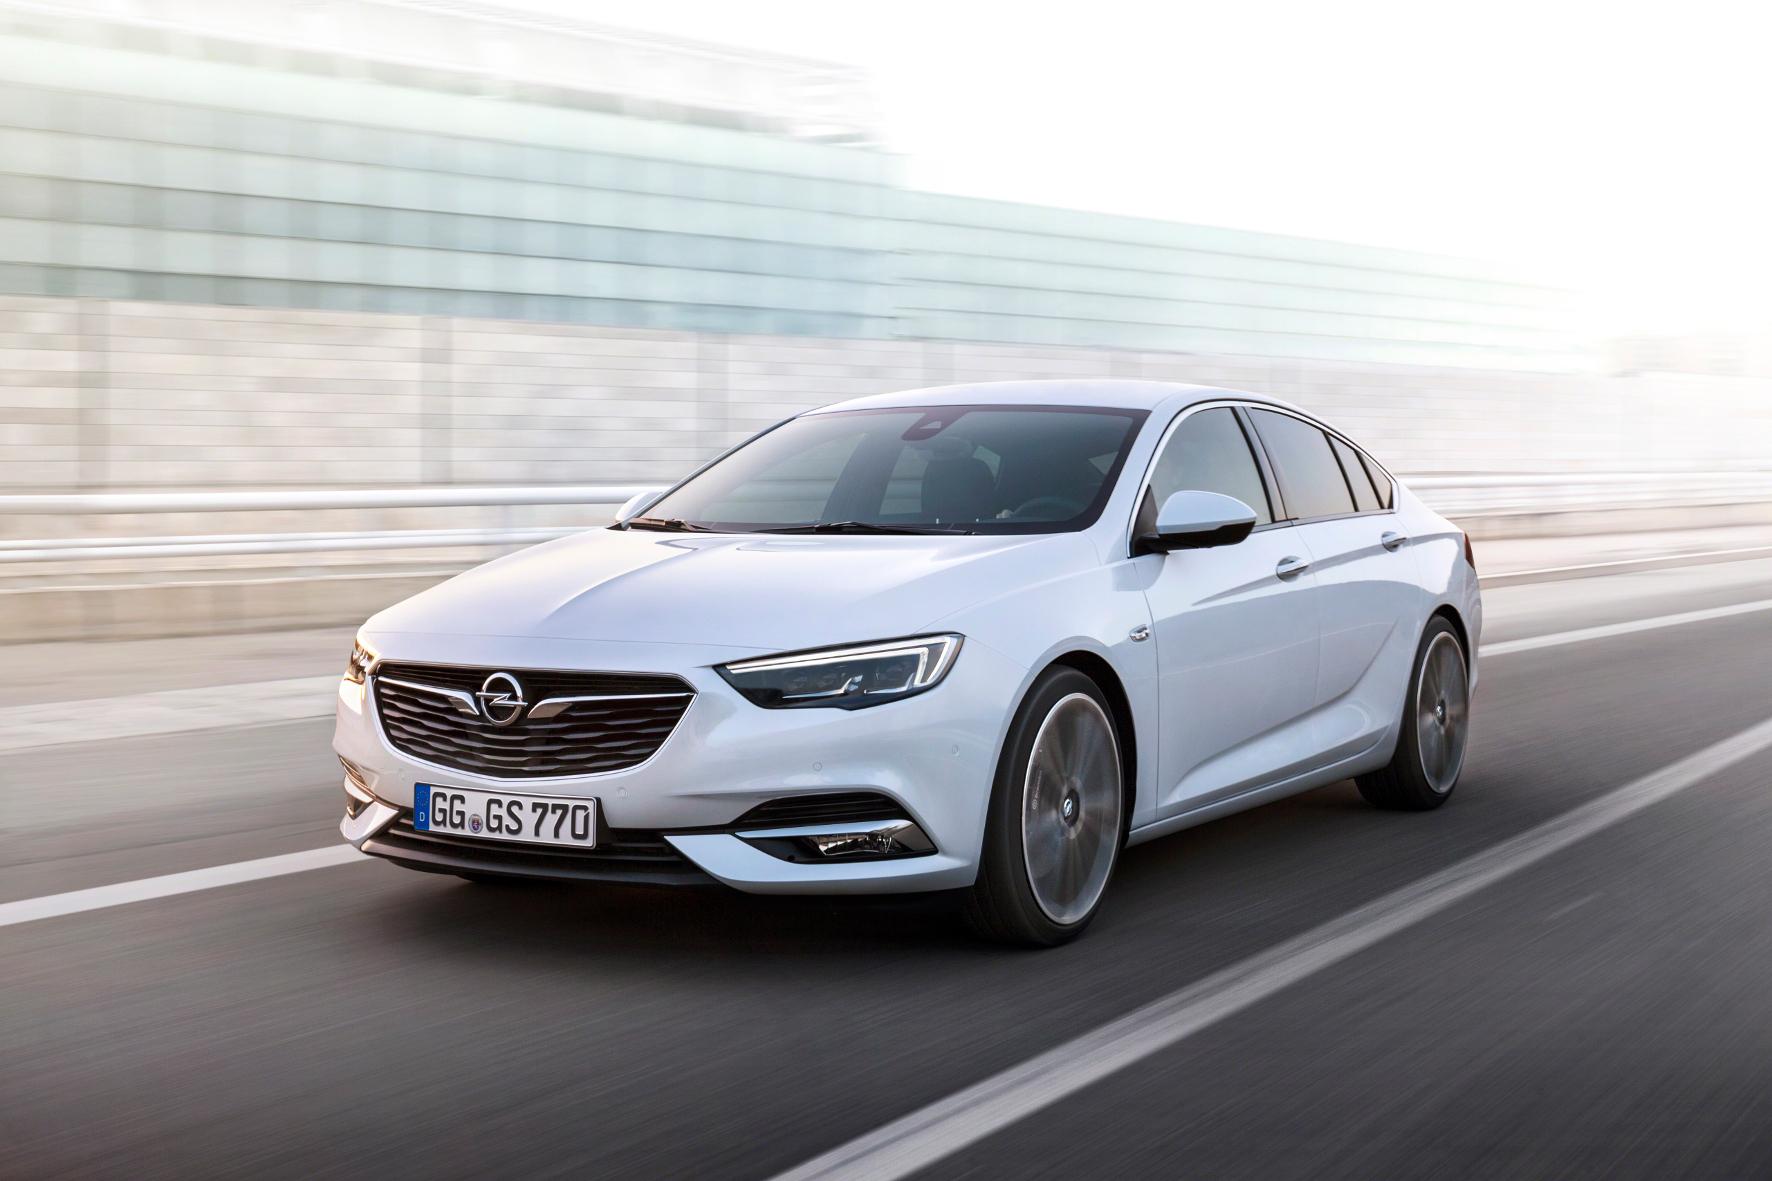 mid Groß-Gerau - Flacher, breiter: Der neue Opel Insignia betont die Horizontale. Seine Höhe ist um fast drei Zentimeter geringer als bisher, seine Spur um 1,2 Zentimeter breiter.